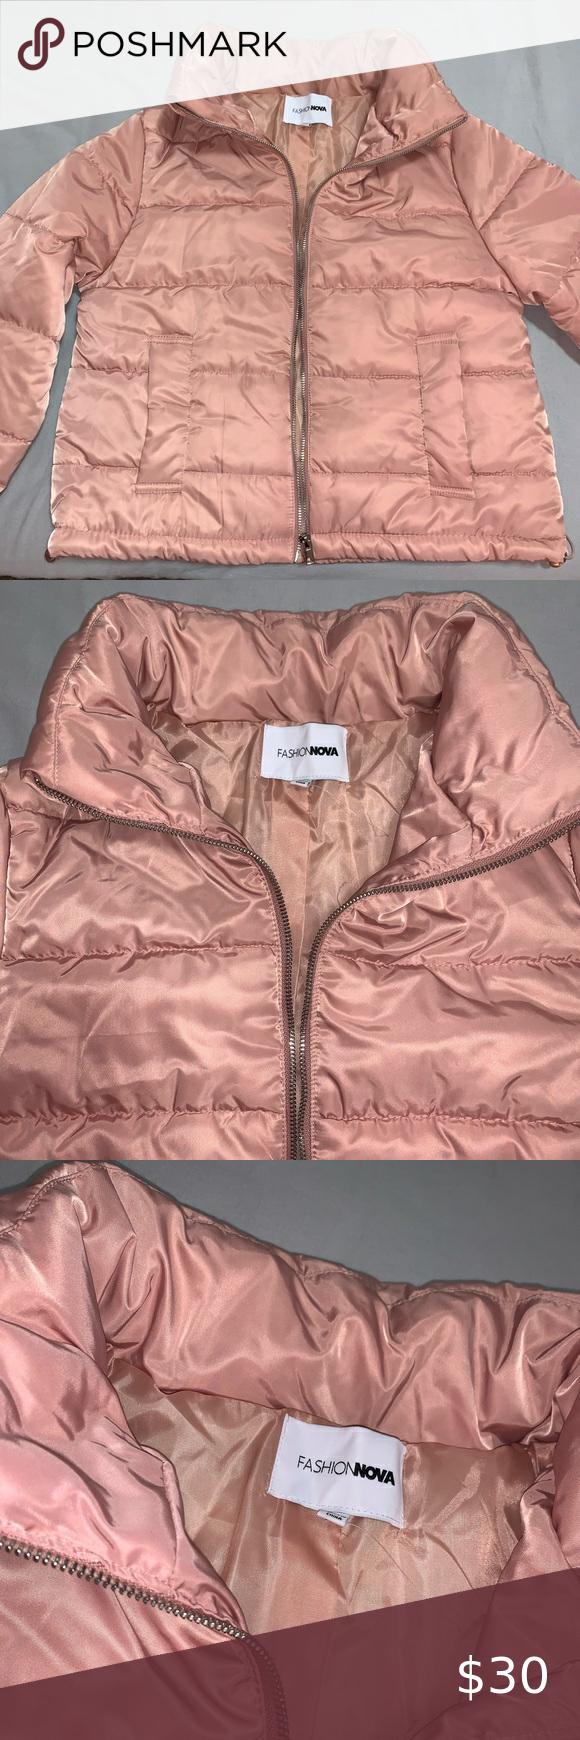 Pink Puffer Jacket Fashionnova Pink Puffer Jacket Puffer Jackets Fashion Nova [ 1740 x 580 Pixel ]